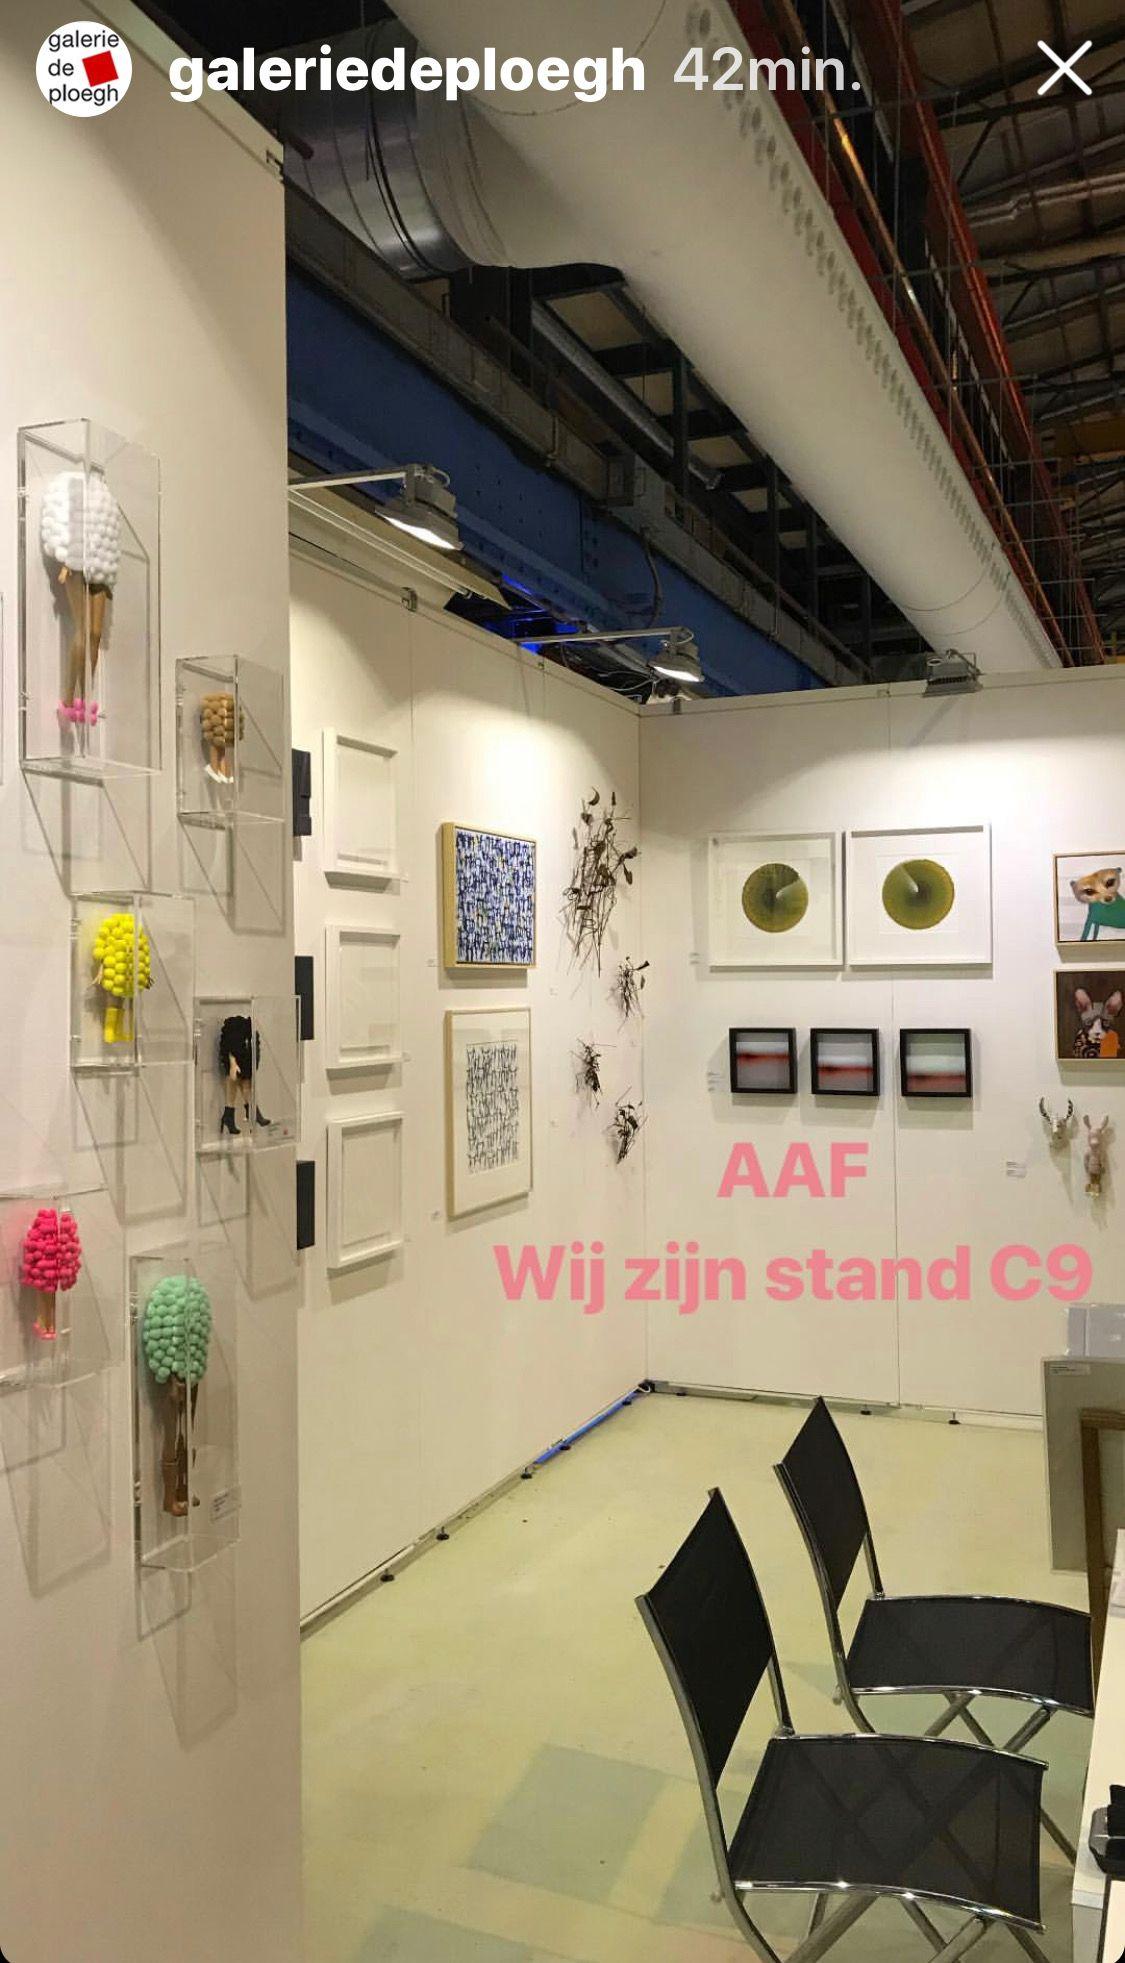 Affordable Art Fair Amsterdam 2018 Galeriedeploegh Amersfoort